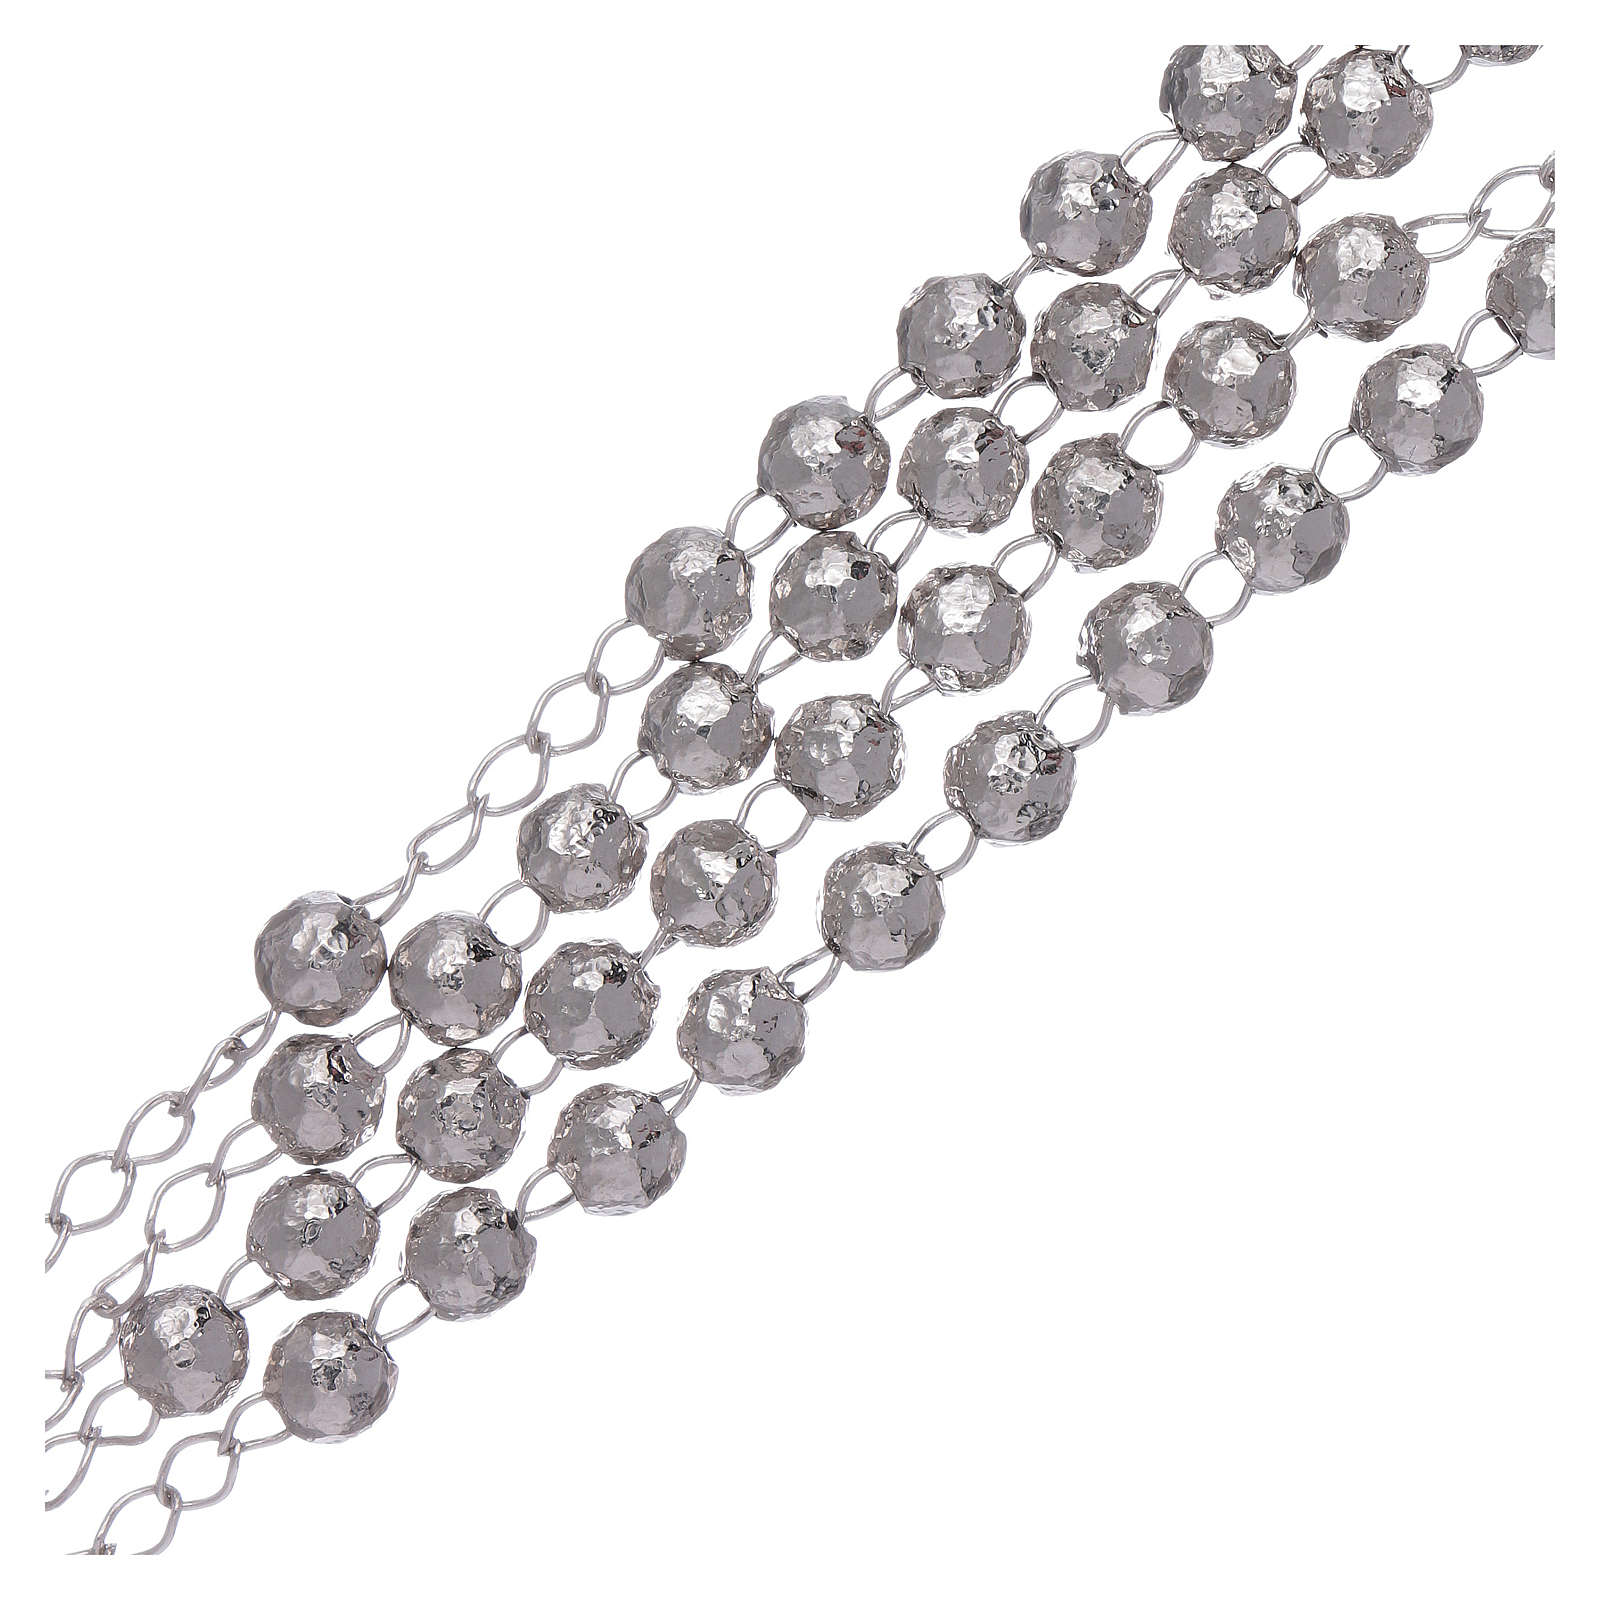 Chapelet AMEN classique rhodié argent 925 AMEN grains 4 mm 4